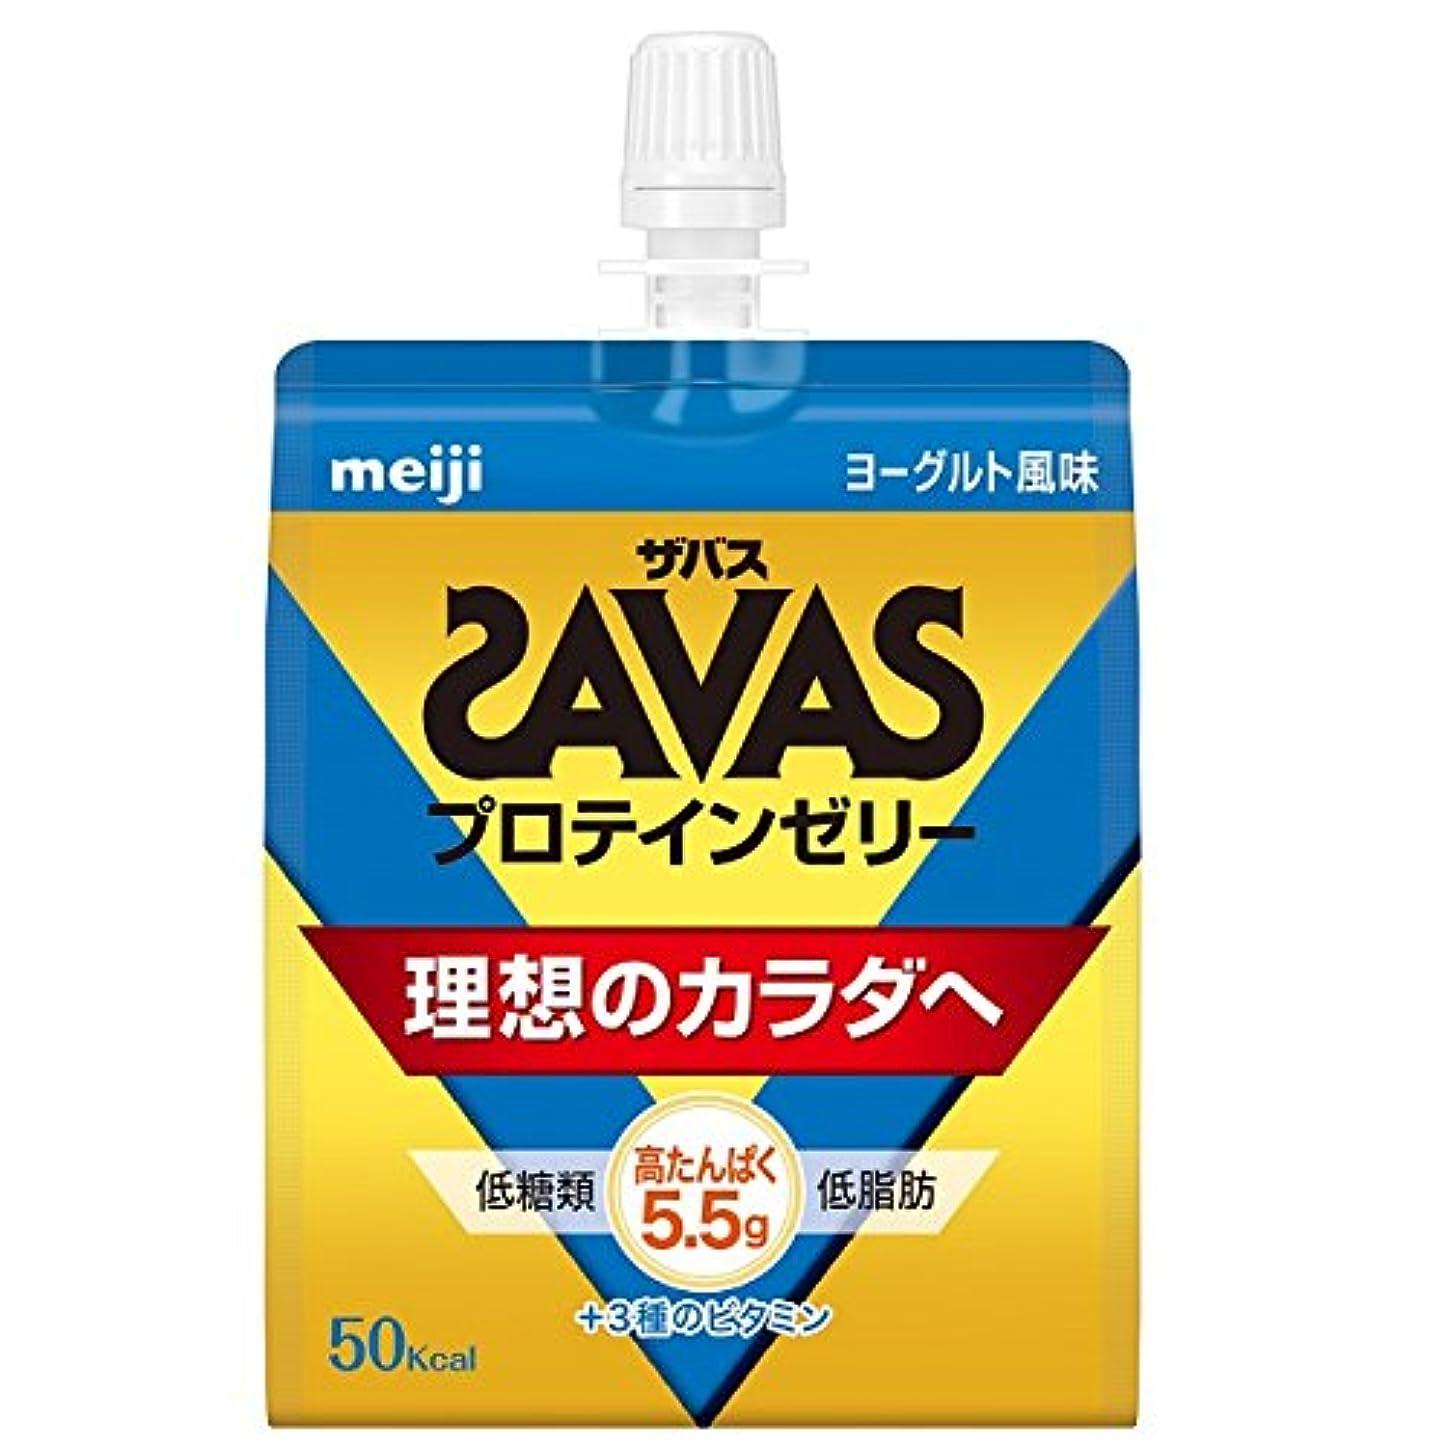 スタウト生産的ハウジングザバス プロテインゼリー ヨーグルト風味 180g【5個セット】